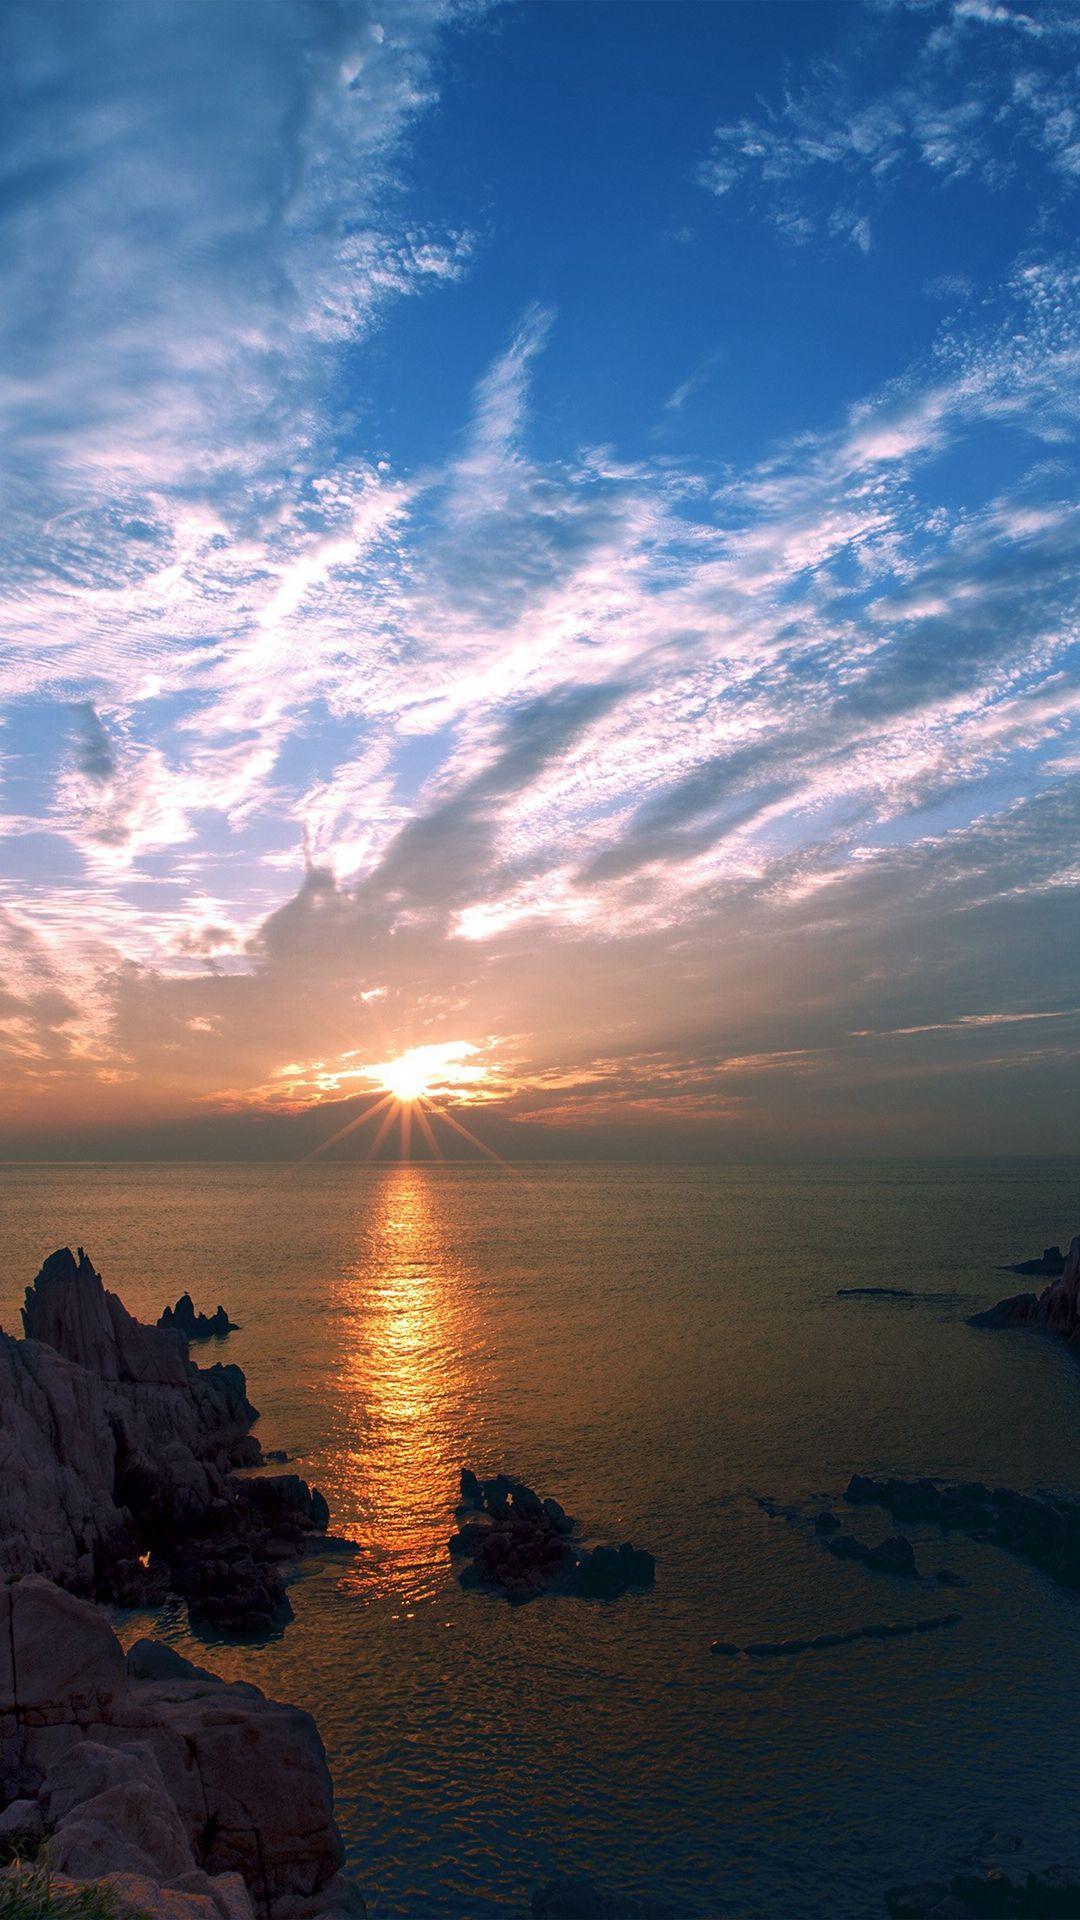 Sunset Sky Cloud Sea Rock Bridge Nature Iphone 6 Wallpaper Hd Nature Wallpapers Iphone Wallpaper Sky Sunset Wallpaper Wallpaper rocks sea houses sunset sky